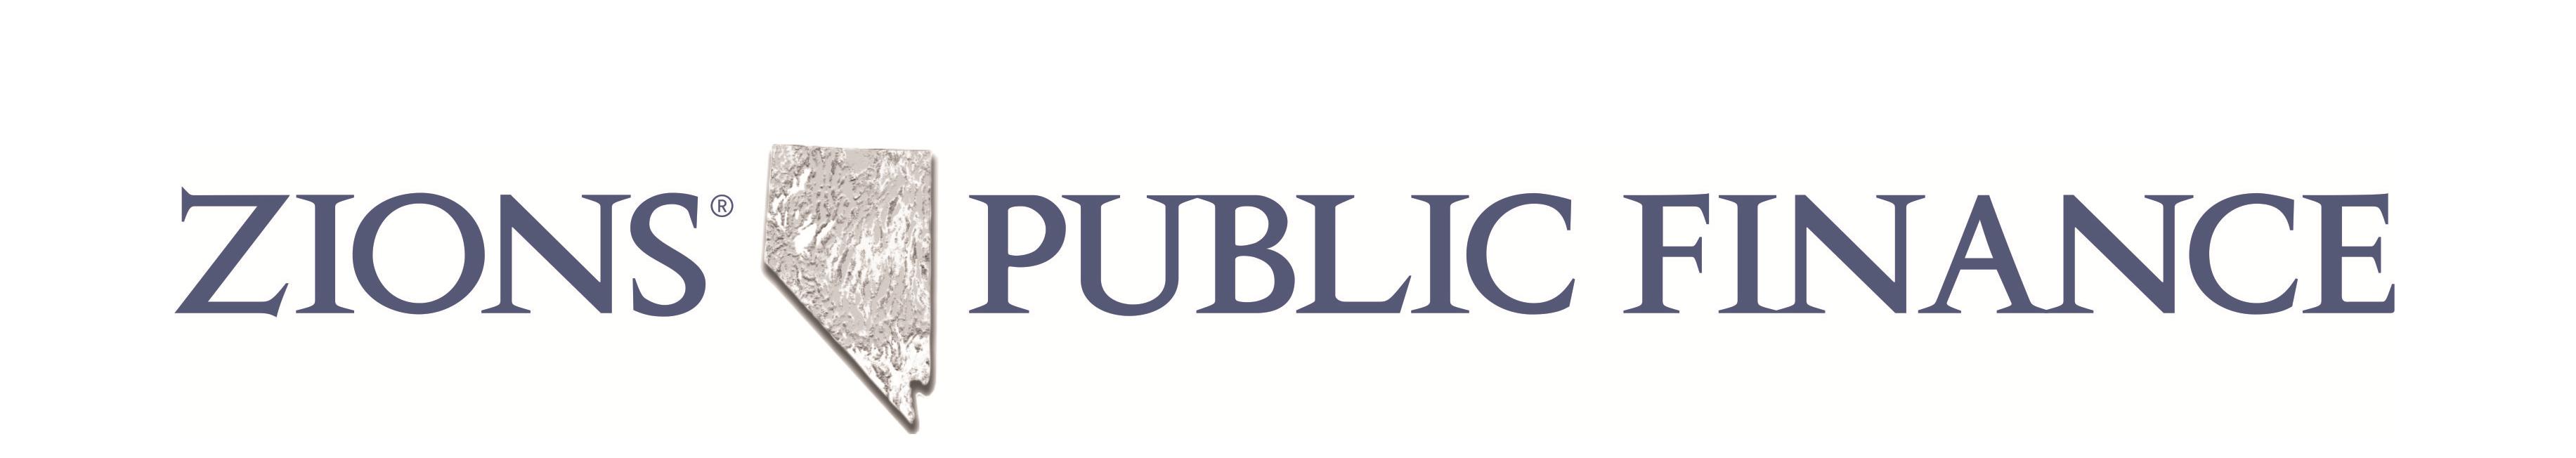 Zions Public Finance - Nevada